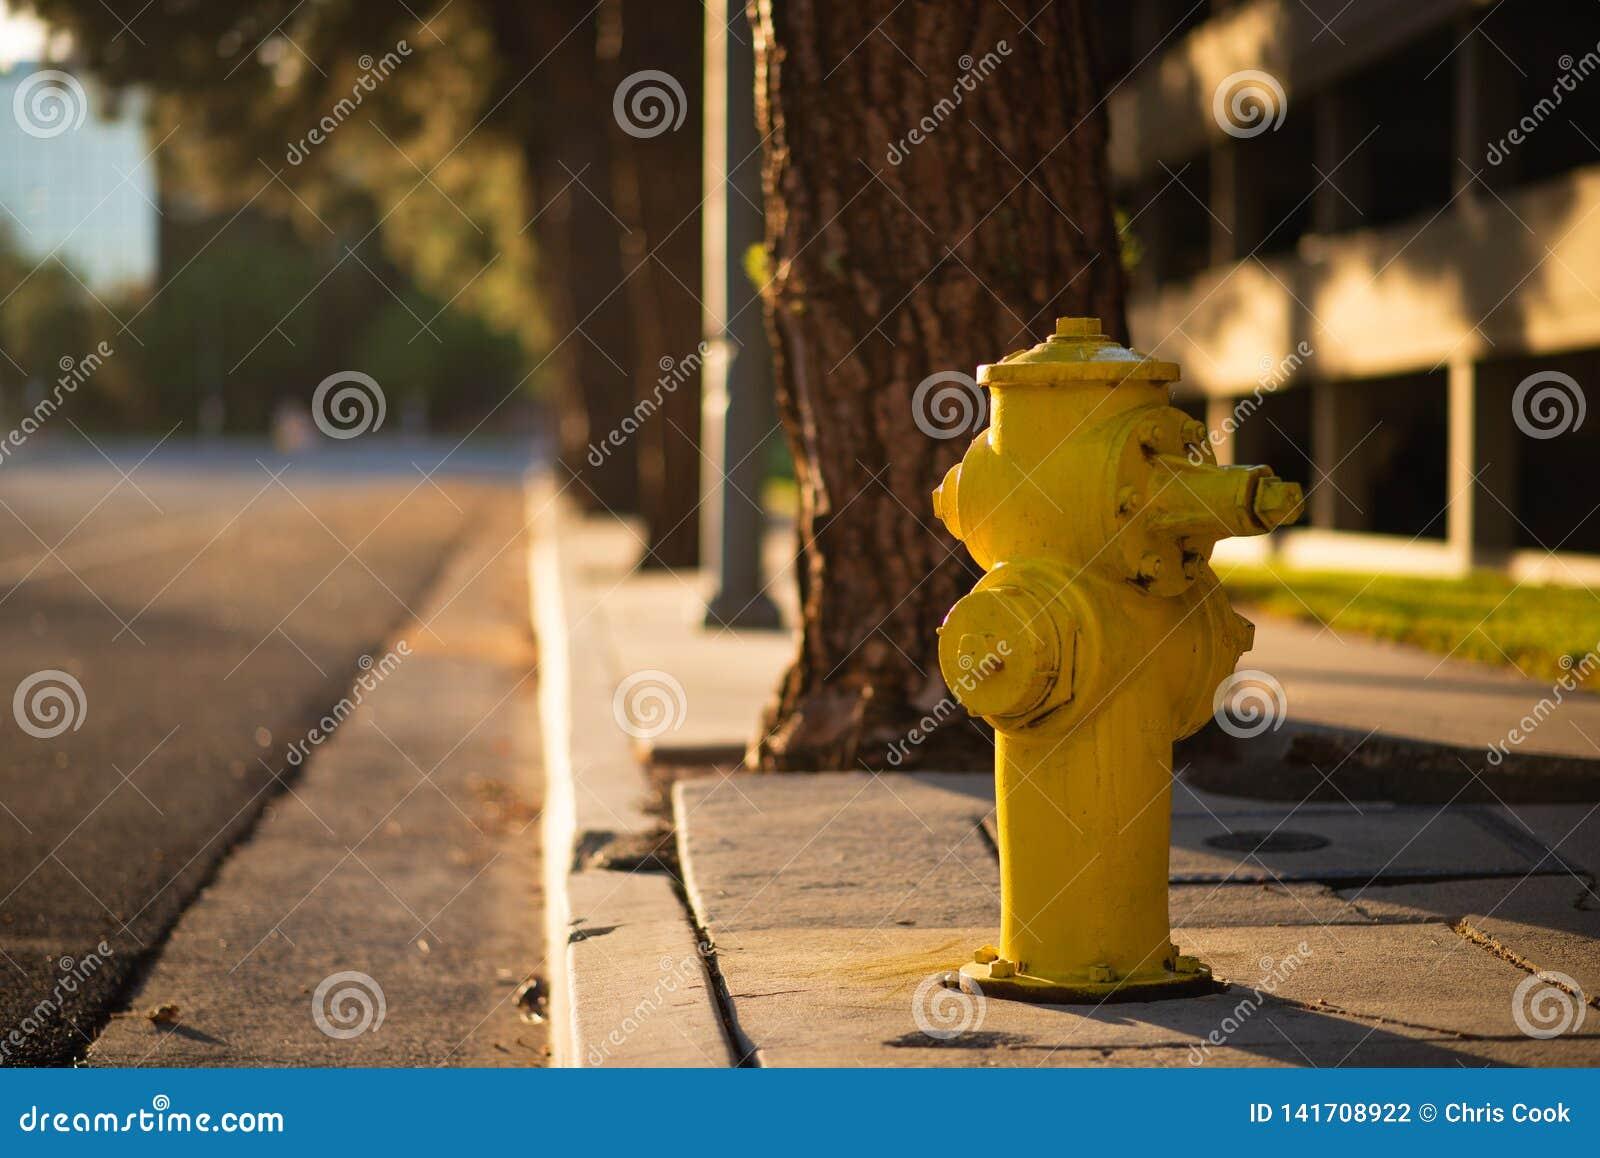 Ένα κίτρινο στόμιο υδροληψίας δίπλα στην πλευρά ενός δρόμου κατά τη διάρκεια του ηλιοβασιλέματος στο Λα, Αμερική